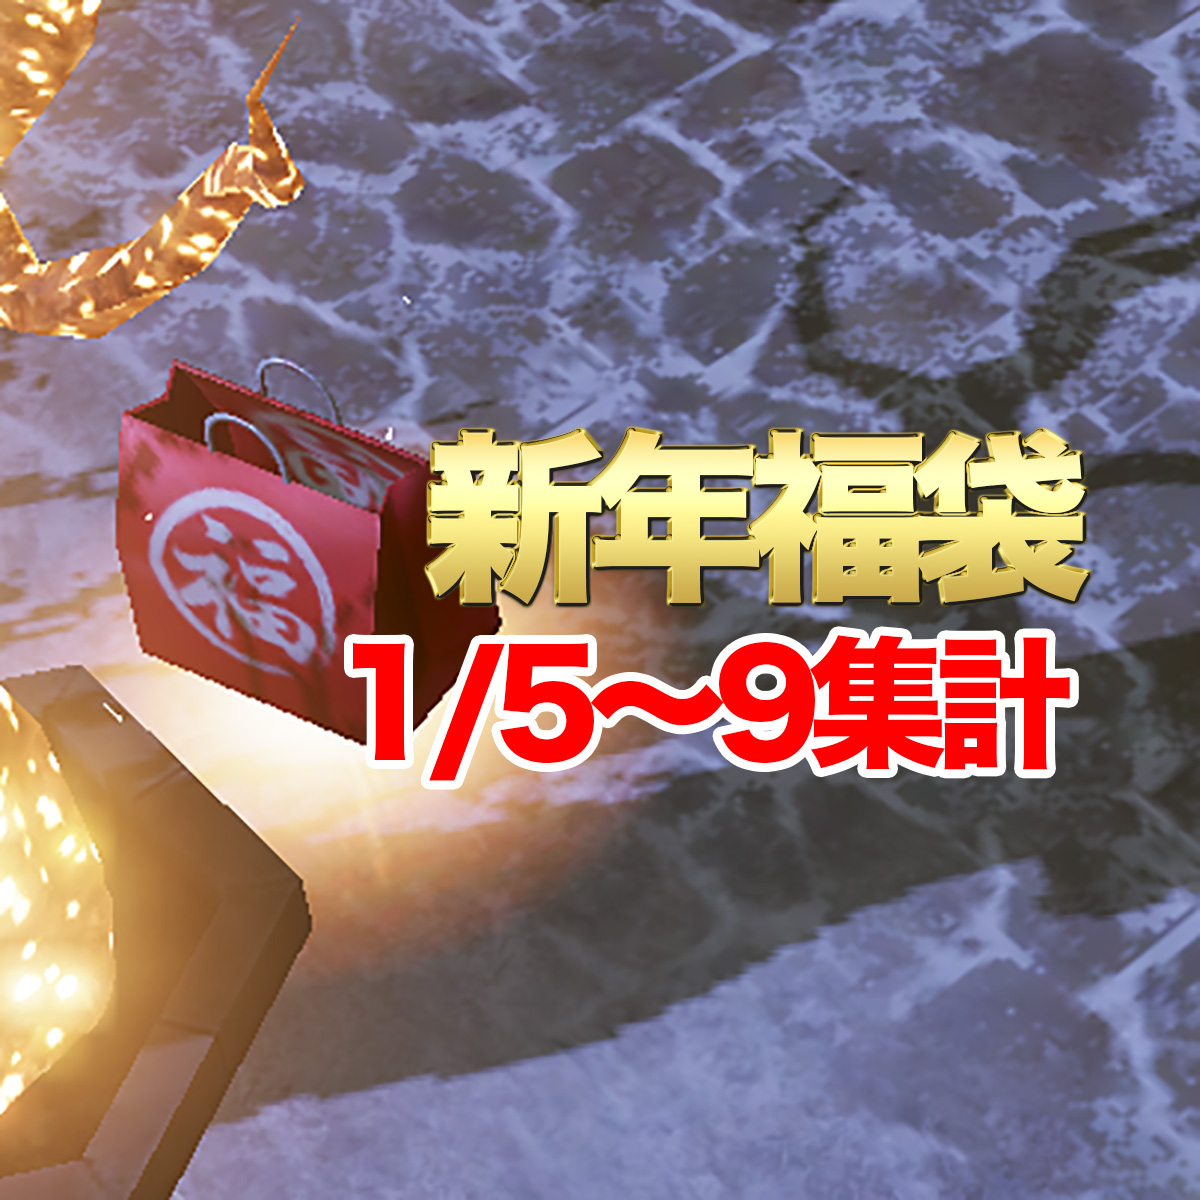 新年福袋1/5〜9集計